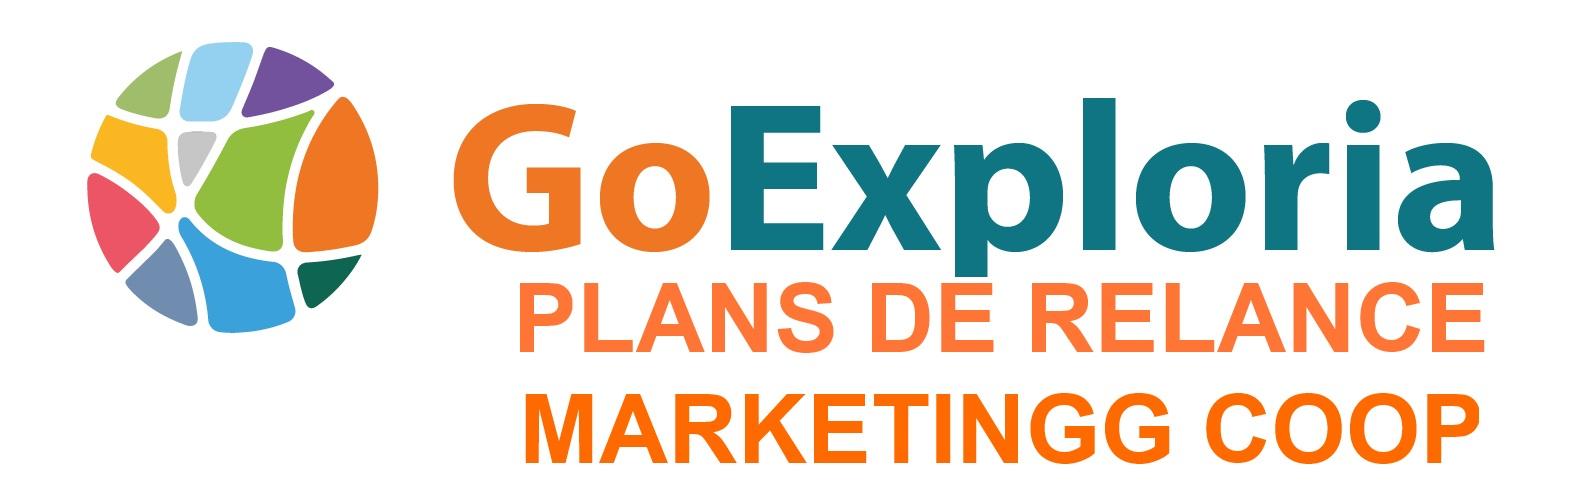 Plan de Relance Économique Marketing Web Coop #10 SADC / MRC / CLD / Villes / Municipalités / Chambres de Commerce